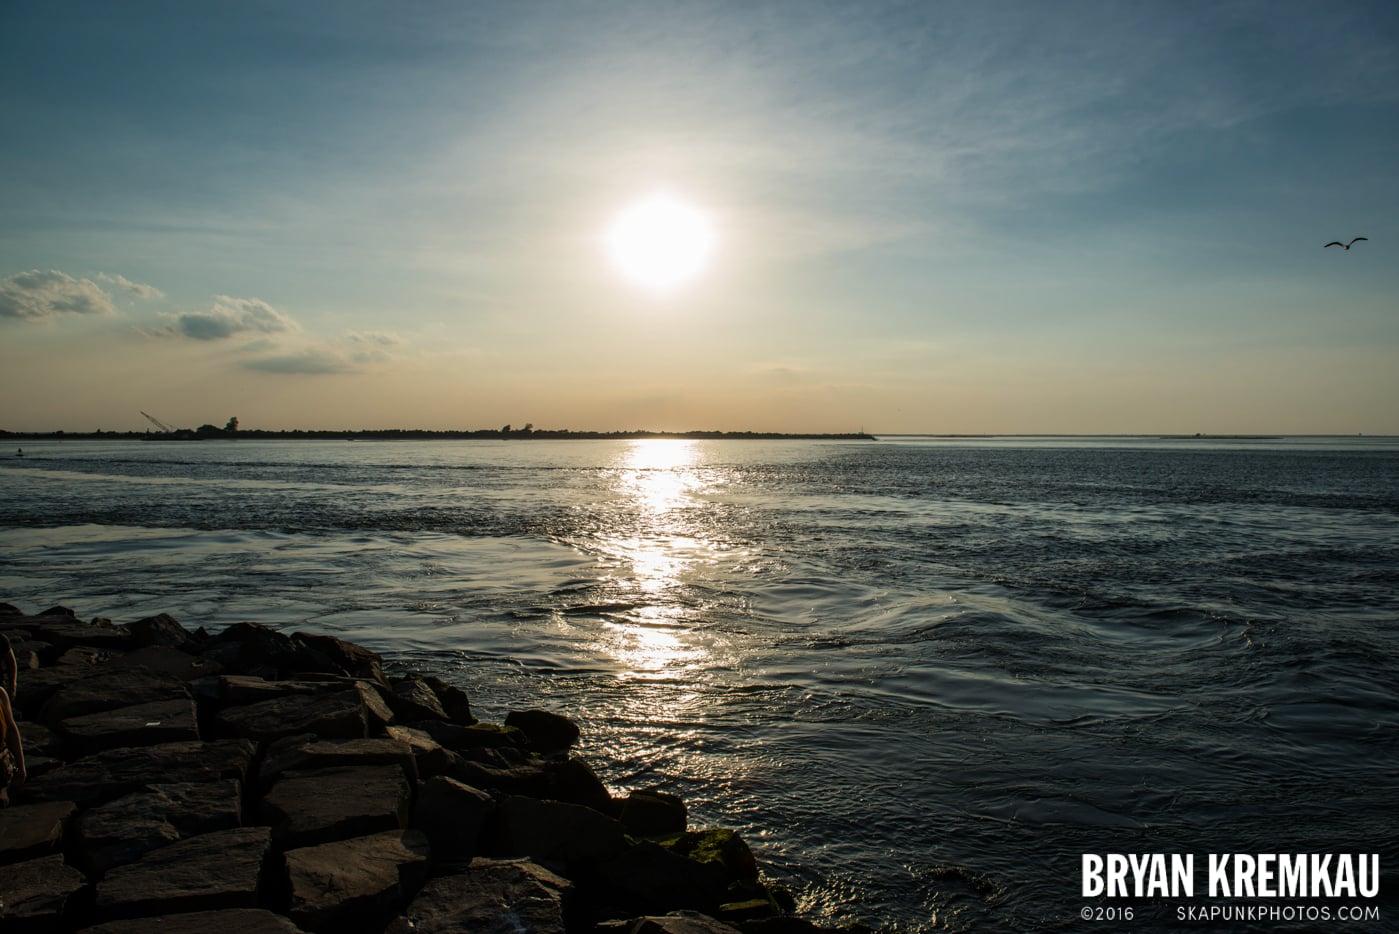 Beach Haven, Long Beach Island, NJ - 6.16.14 - 6.18.14 (27)